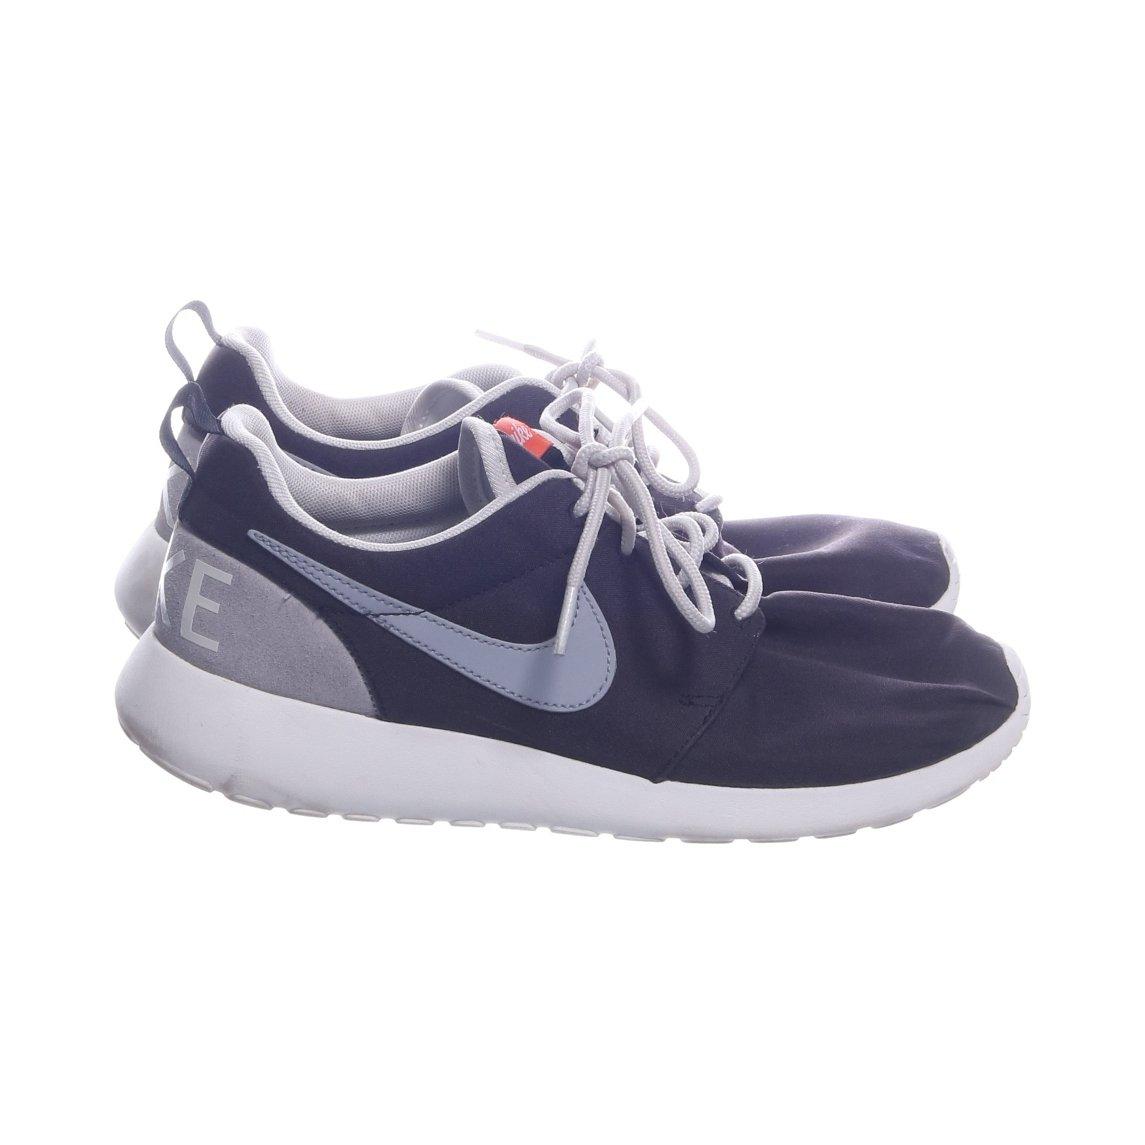 the latest 20bd0 e70d5 Nike, Sneakers, Strl  39, Roshe One Retro, Energy Boost, Svart